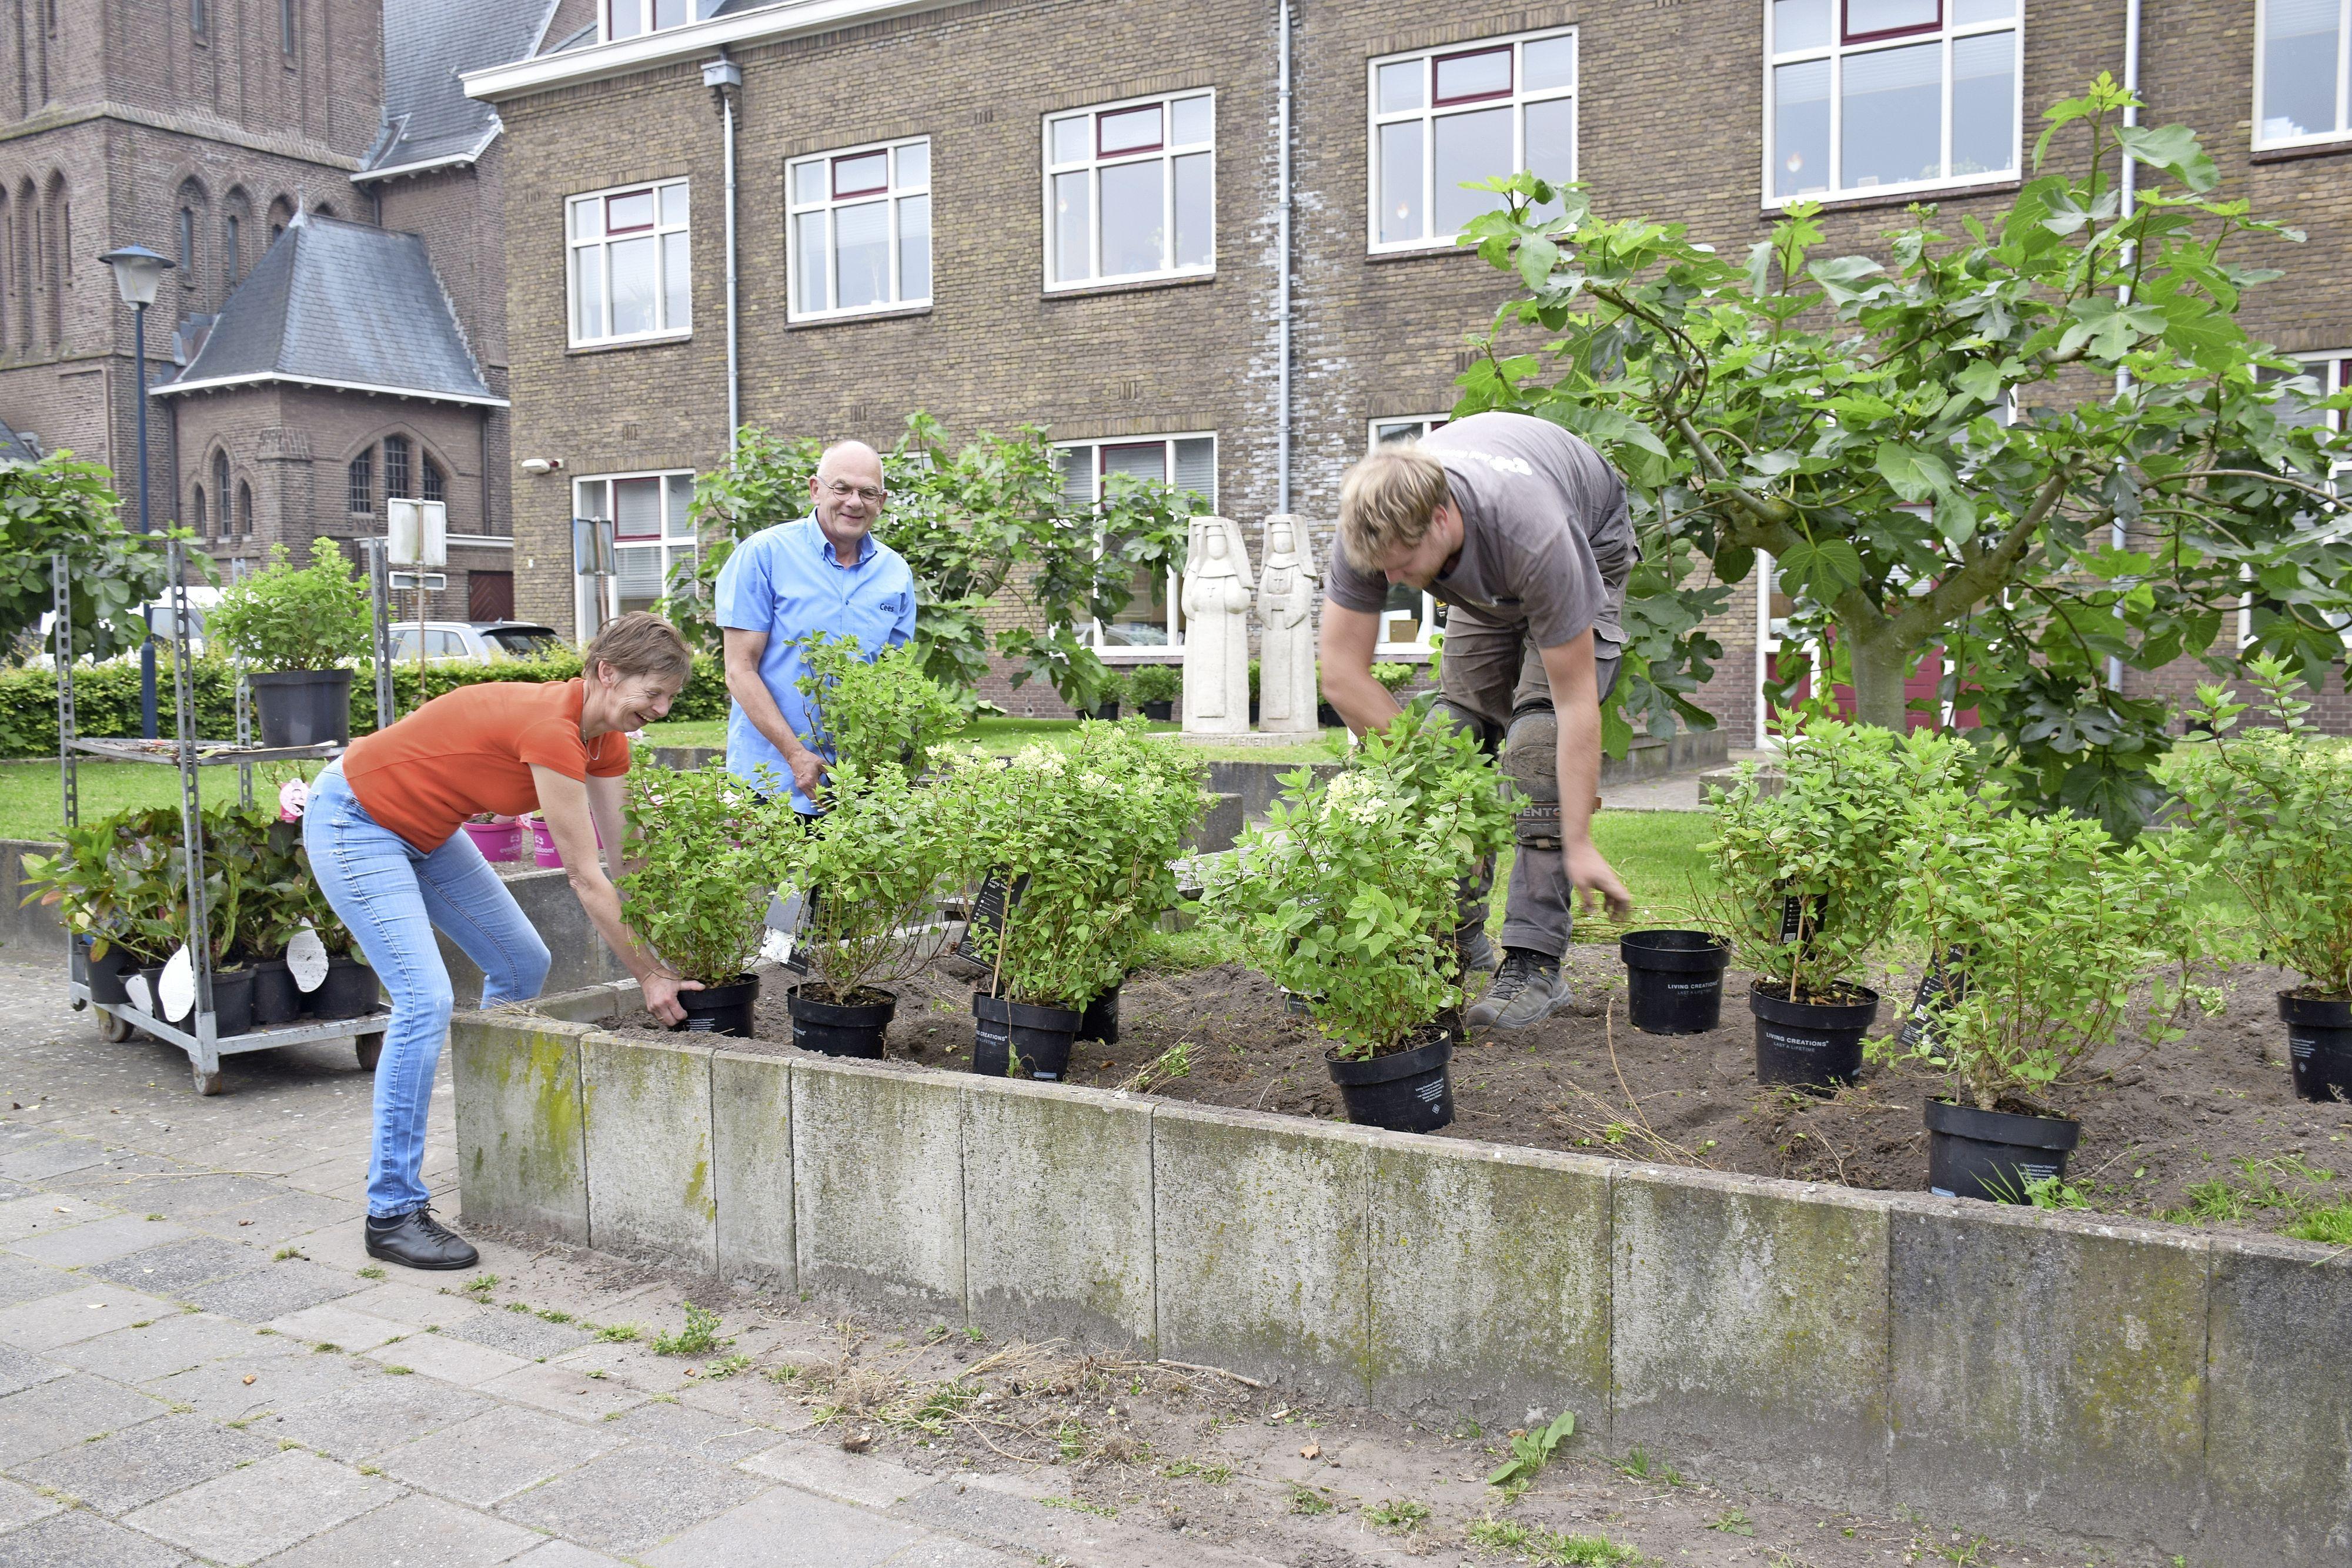 Hortensia's in plaats van buxusmotten. Huize Nicolaas in Lutjebroek is heel blij met goede overbuurman Cees Veenbrink